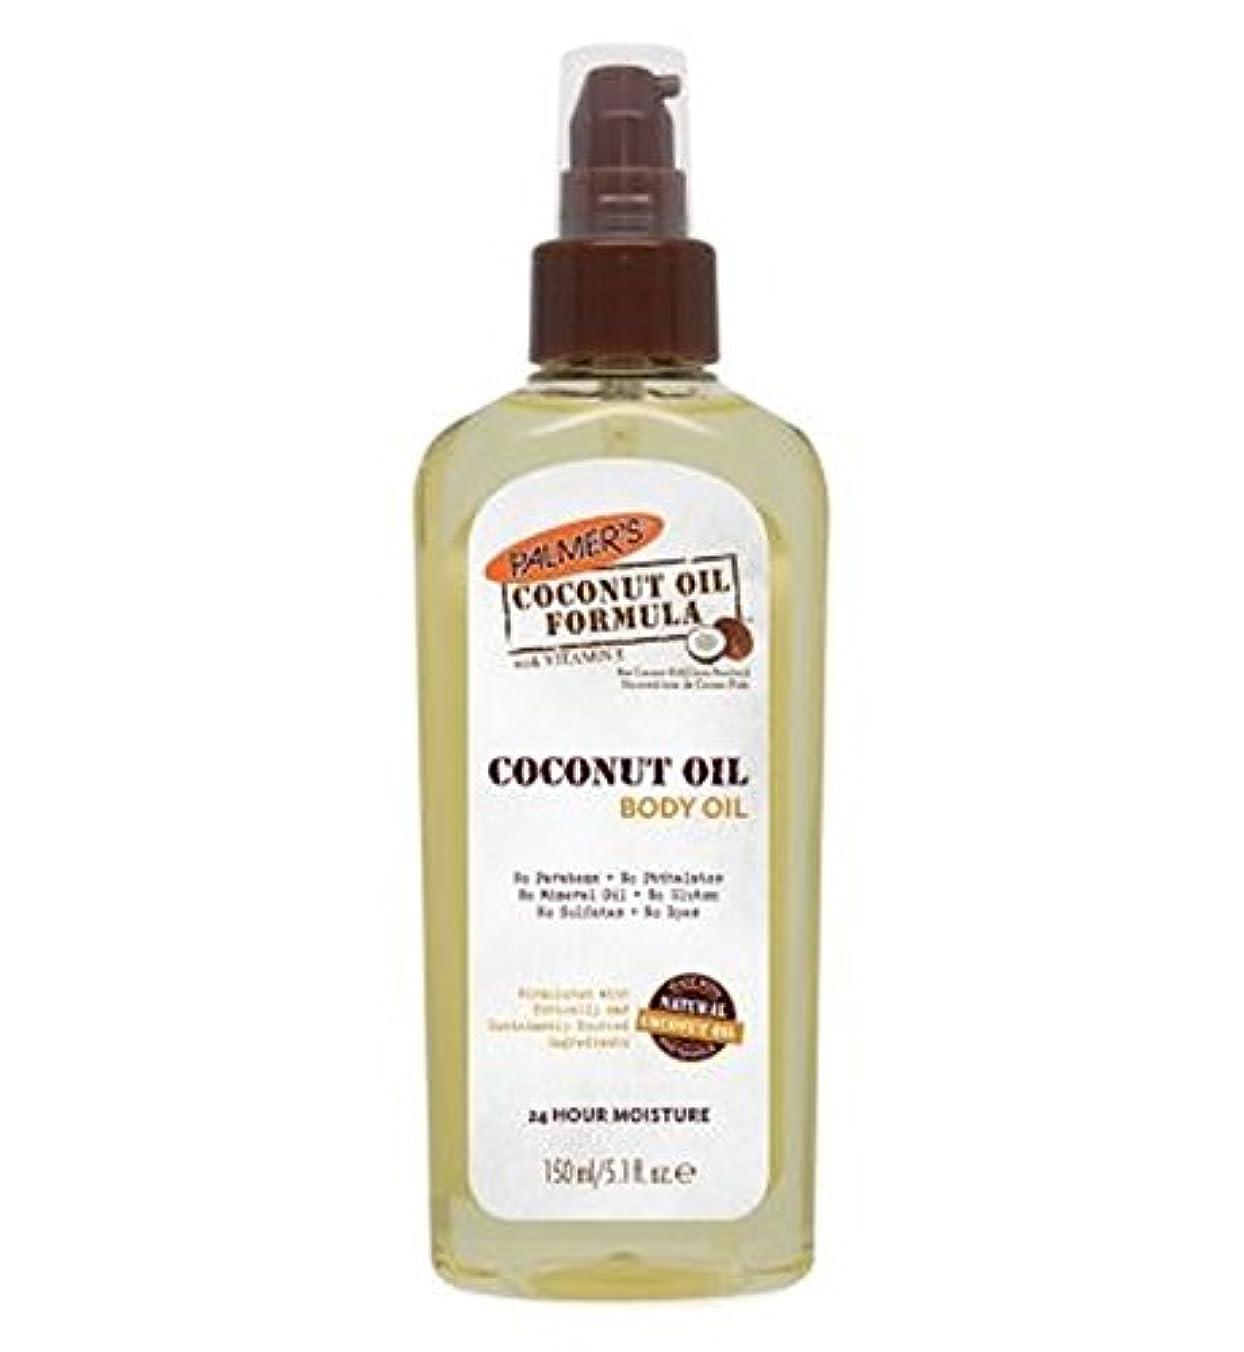 流星確かめる誰もパーマーのココナッツオイル式ボディオイル150ミリリットル (Palmer's) (x2) - Palmer's Coconut Oil Formula Body Oil 150ml (Pack of 2) [並行輸入品]